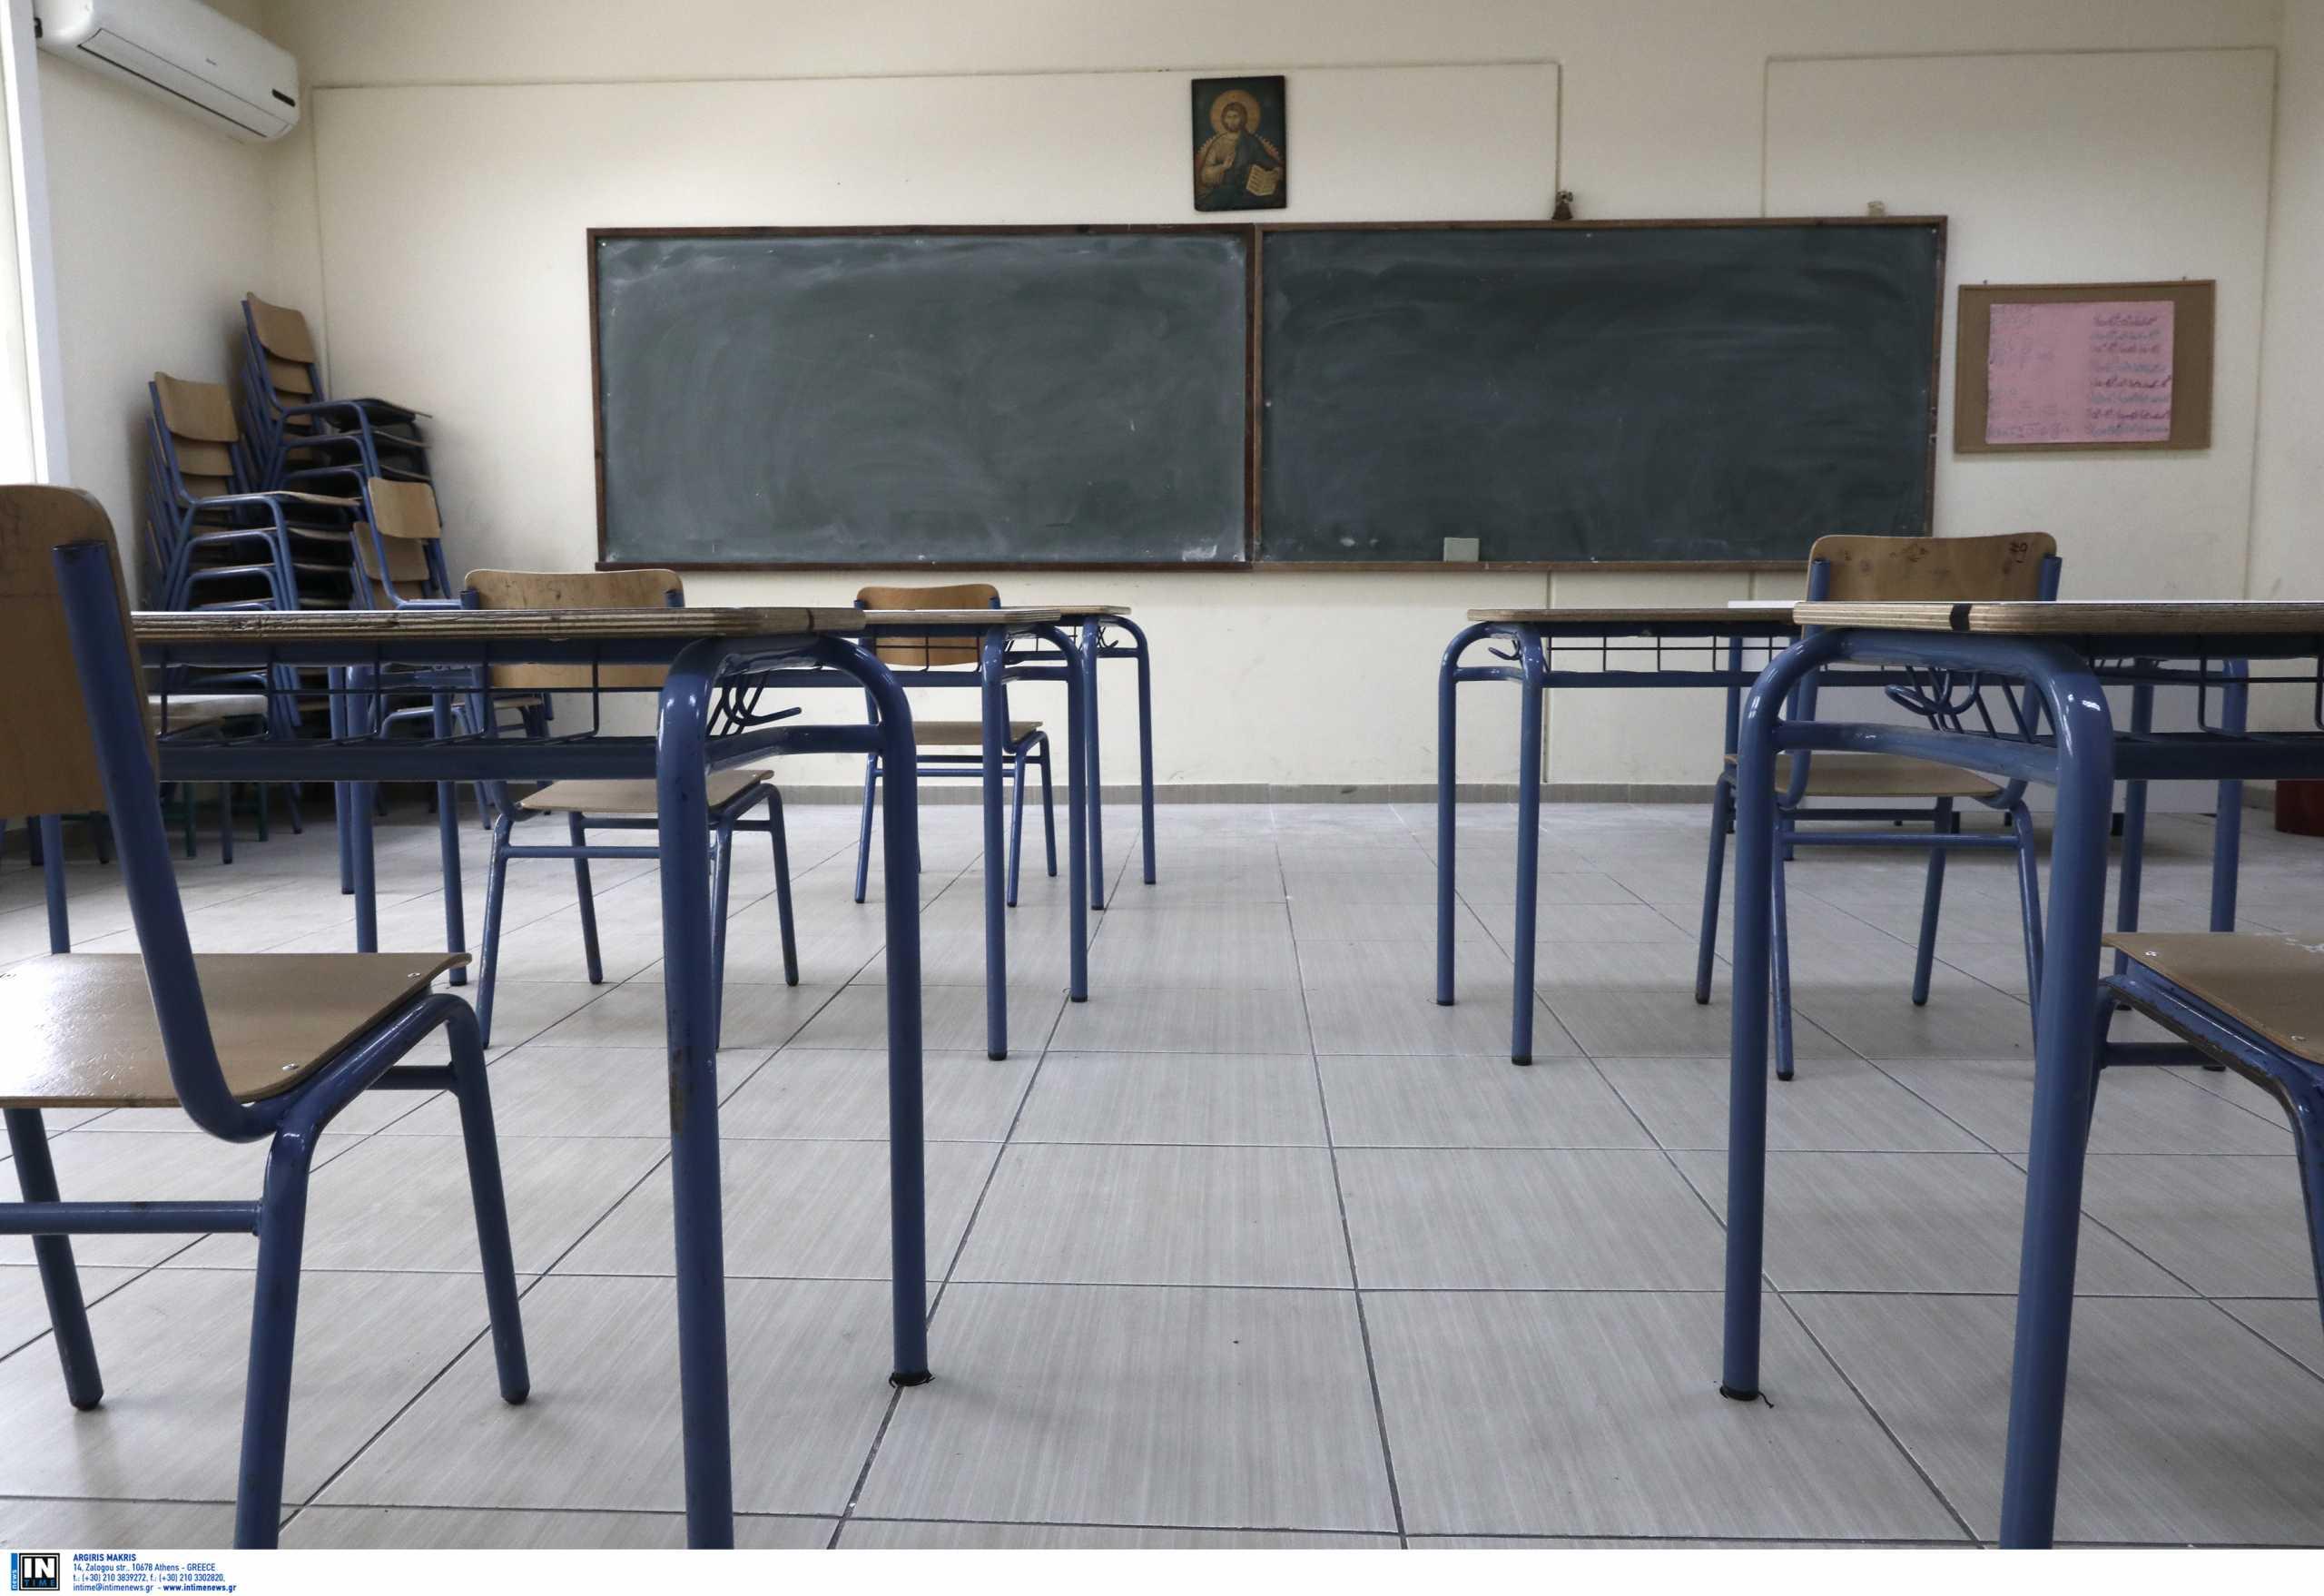 Κακοκαιρία «Μπάλλος»: Κλειστά σχολεία για την ασφάλεια των μαθητών